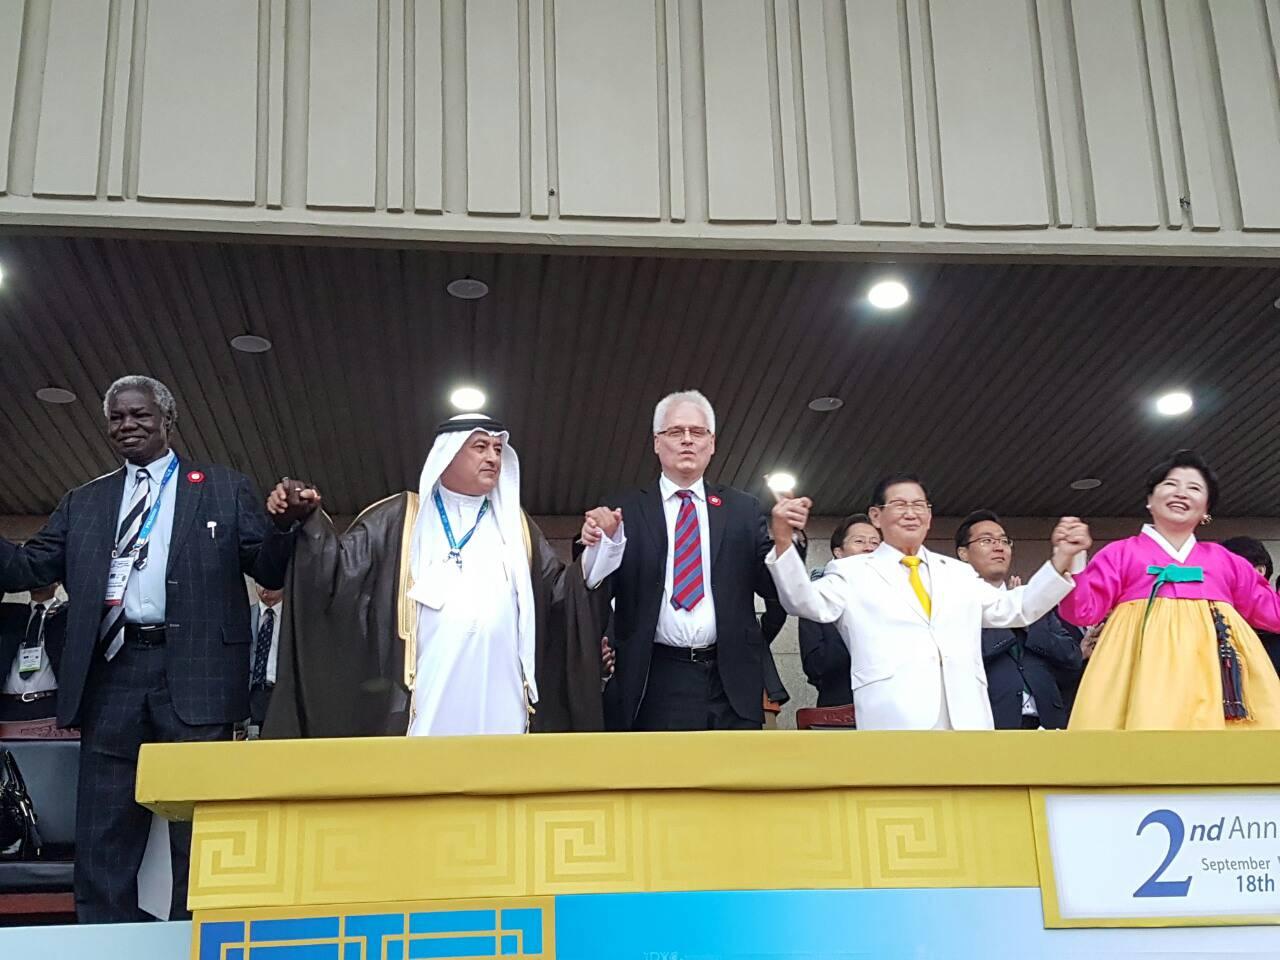 Josipović kao Tito: Na sletu u Seulu mu klicao cijeli stadion